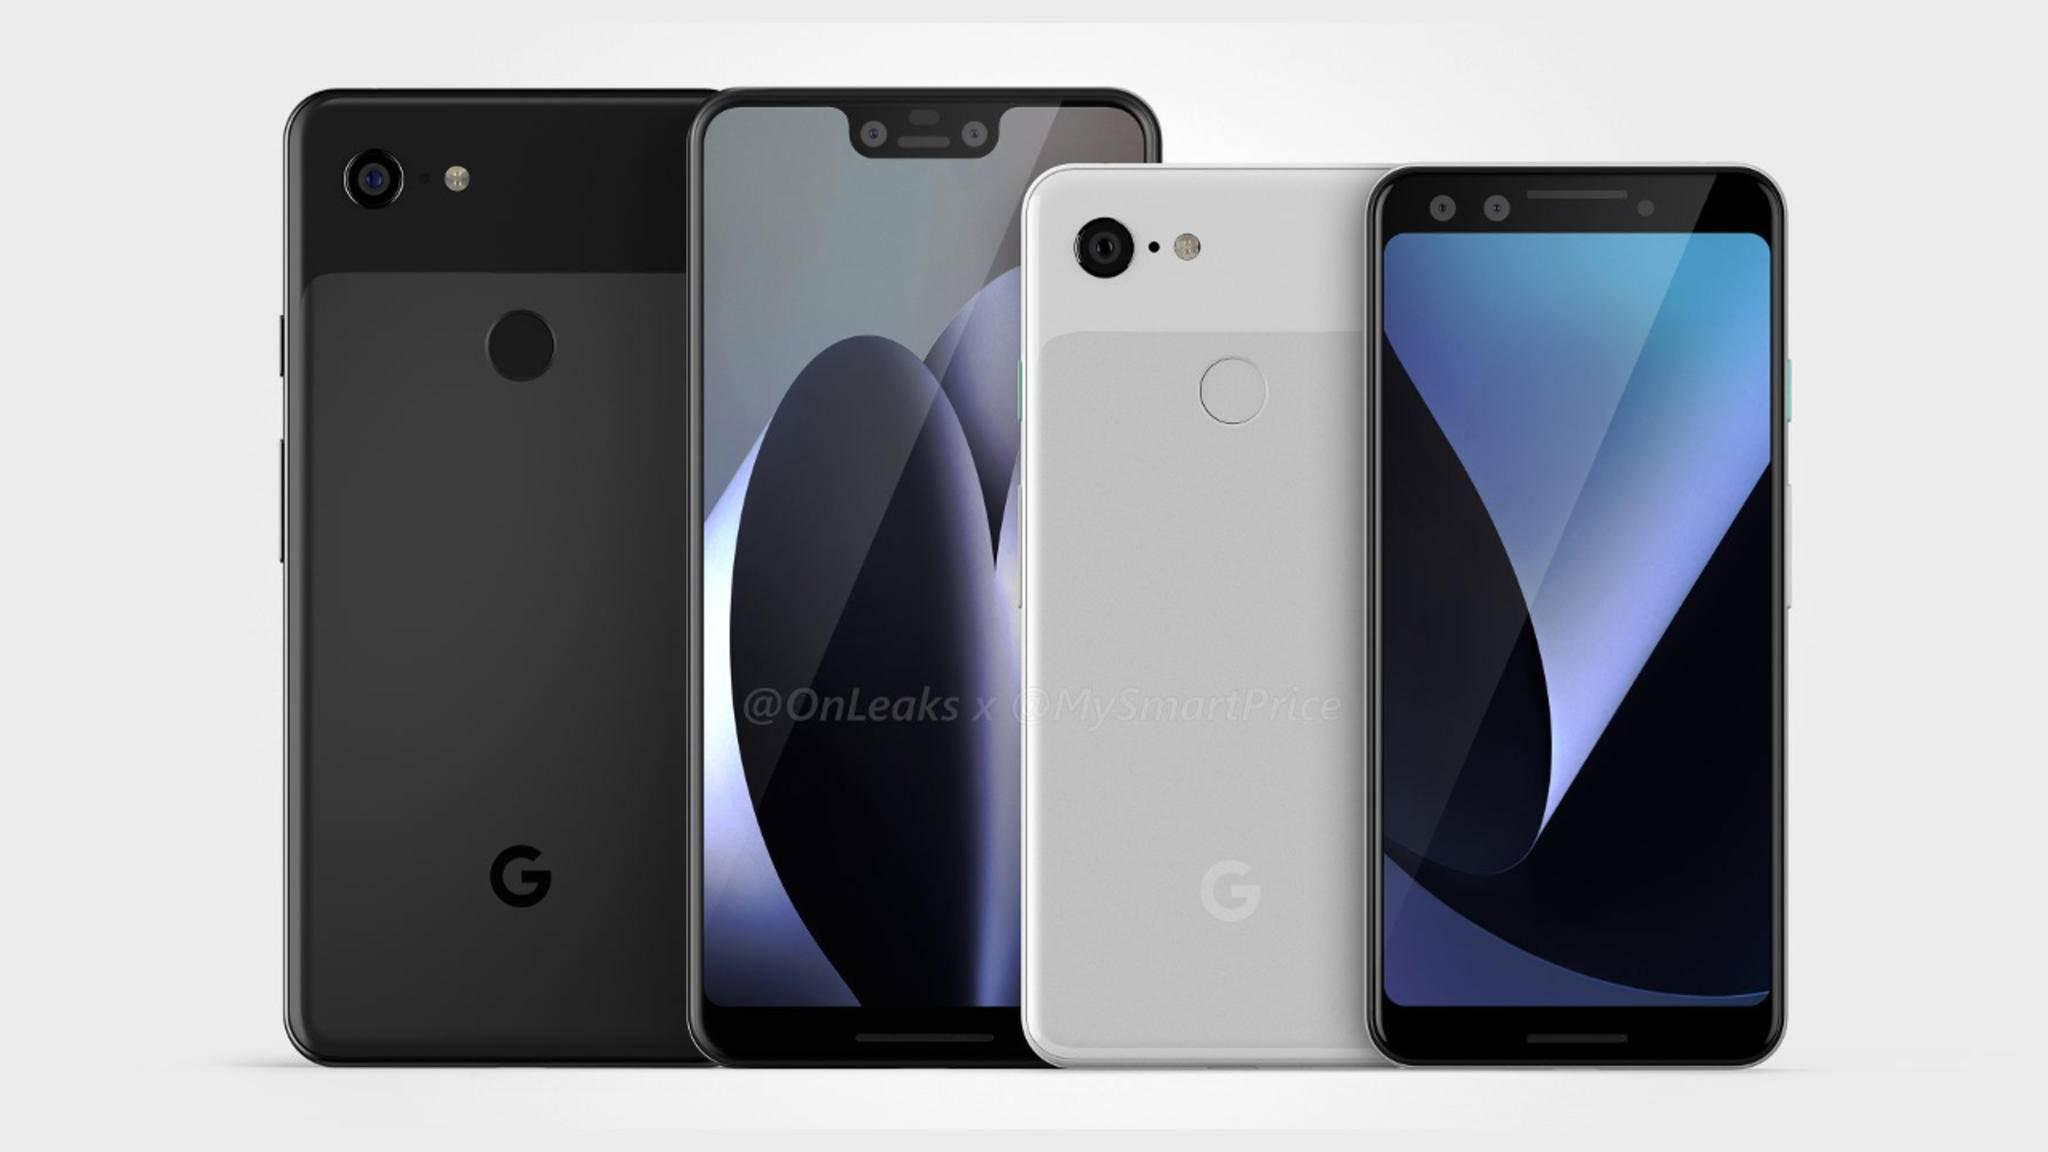 Am 9. Oktober wird Google die dritte Generation der Pixel Phones enthüllen.